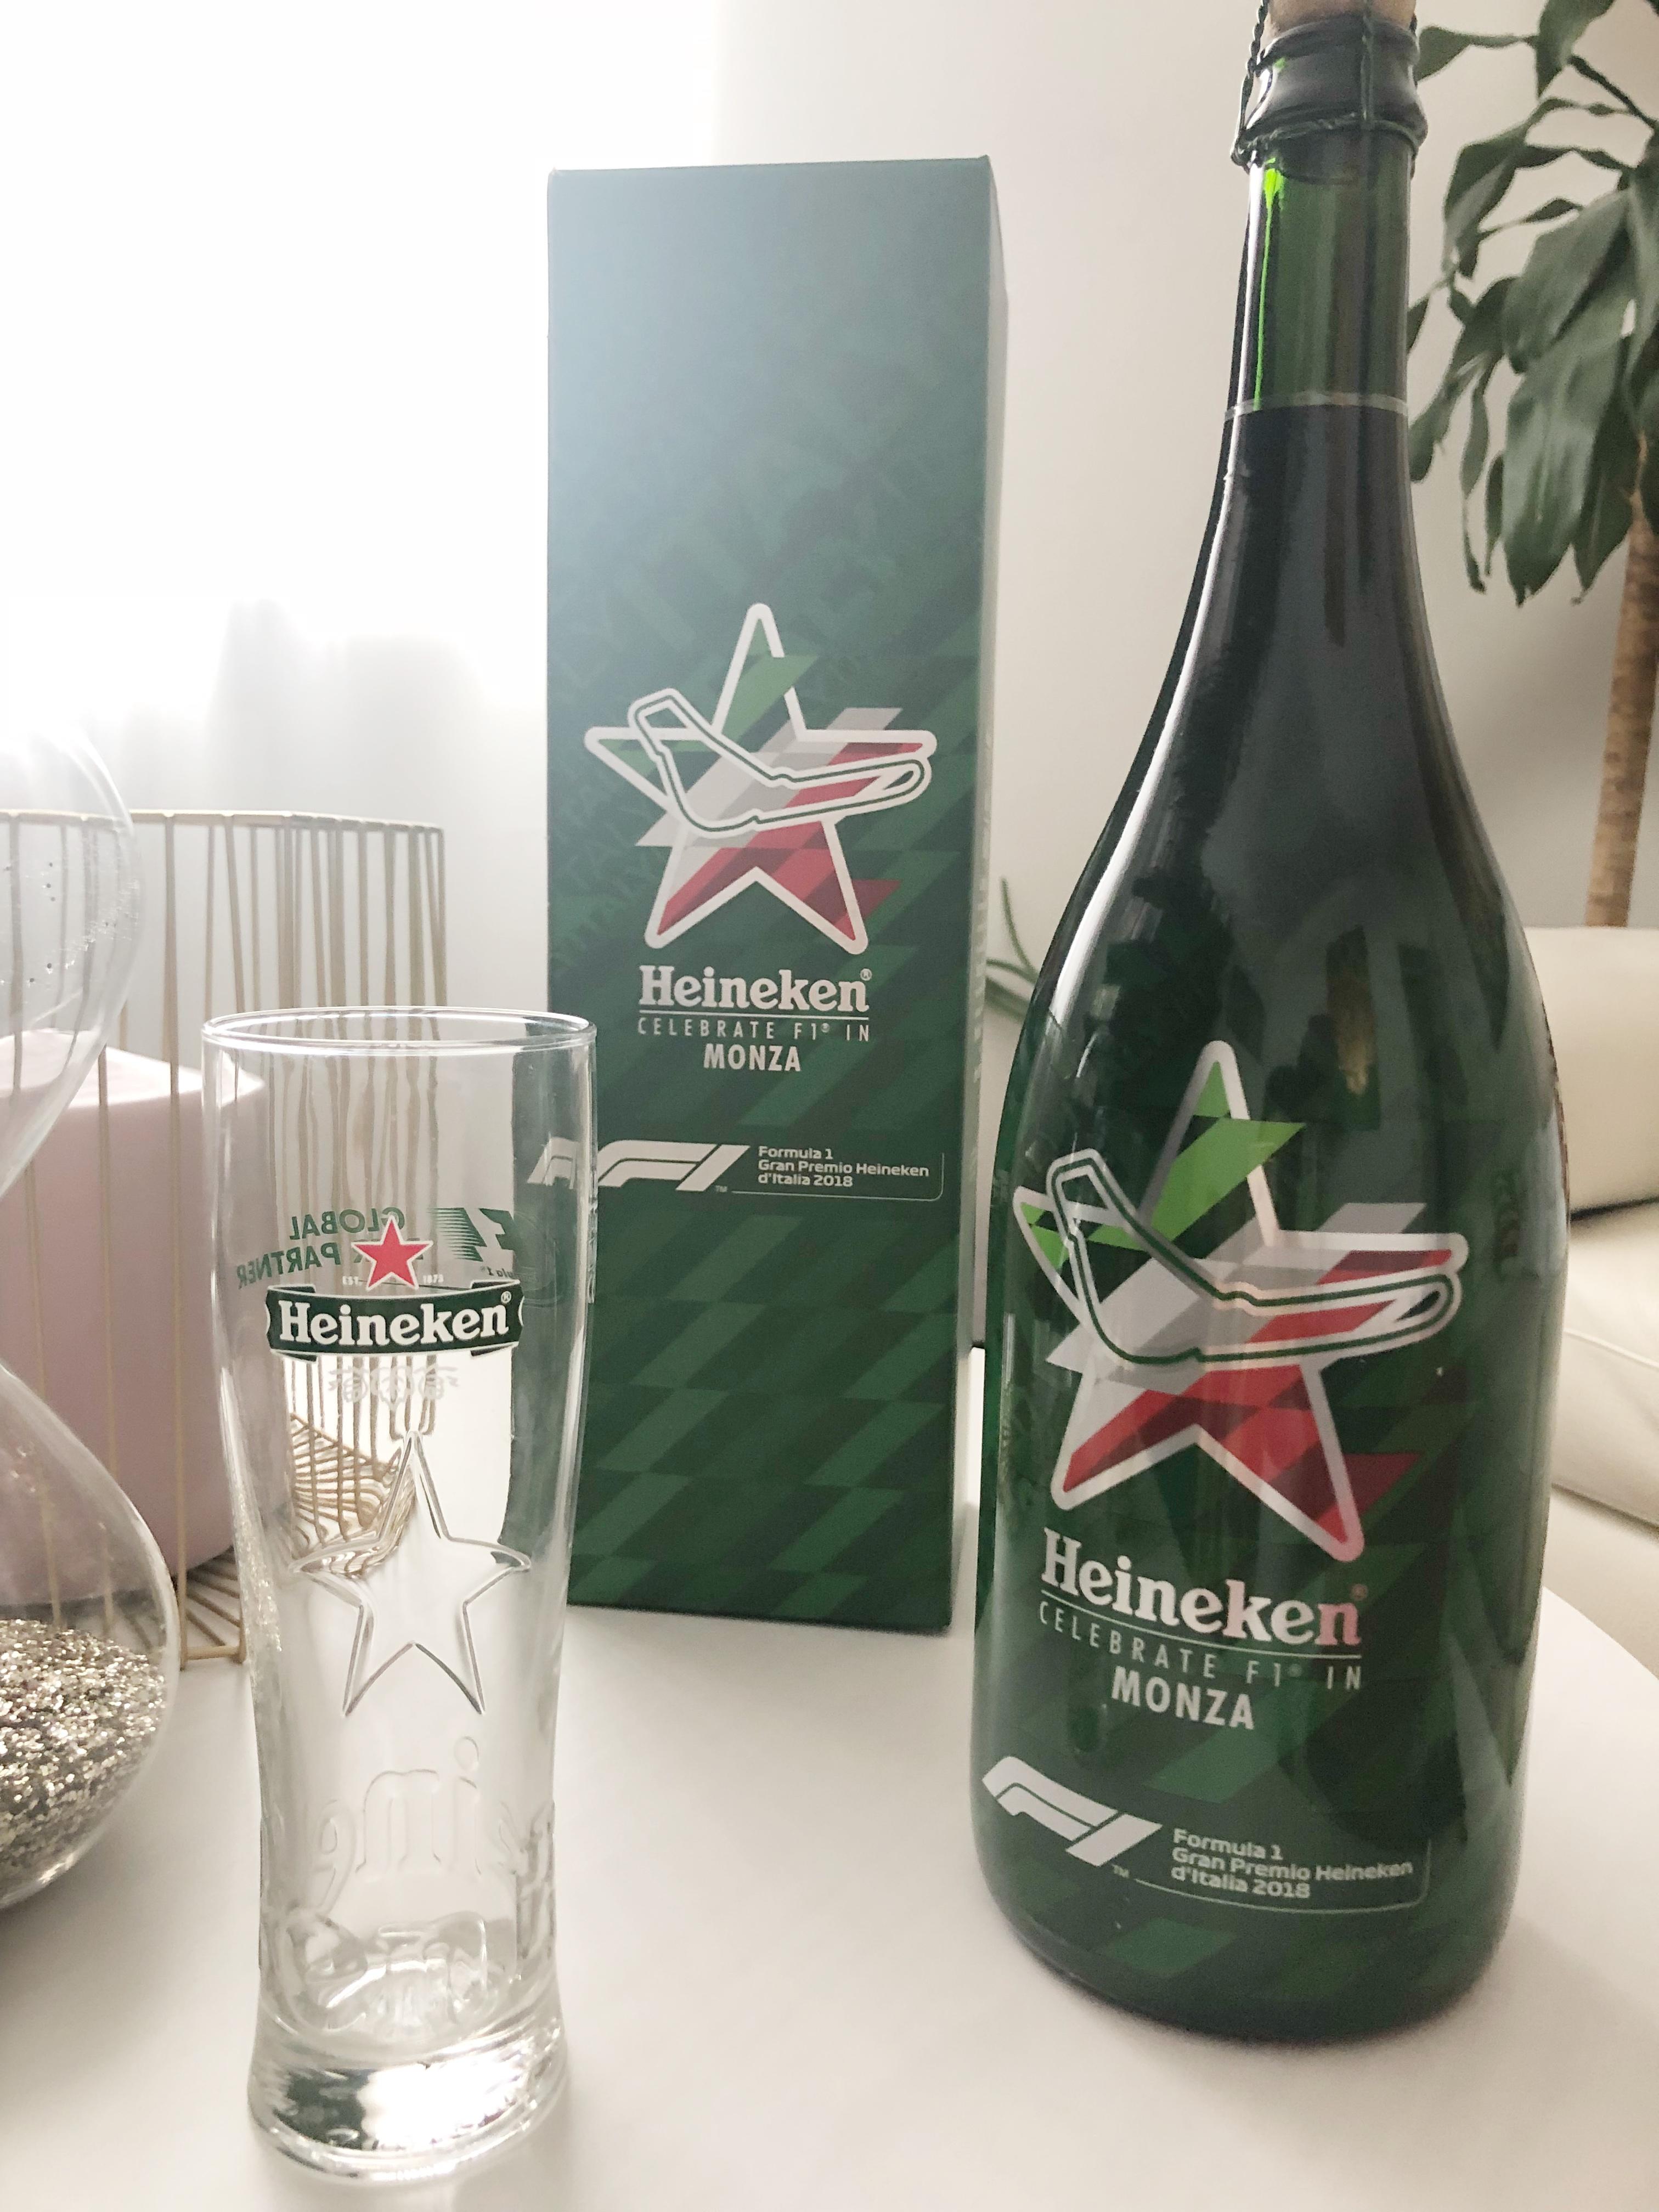 Gran Premio d'Italia 2018 in compagnia dello sponsor ufficiale Heineken